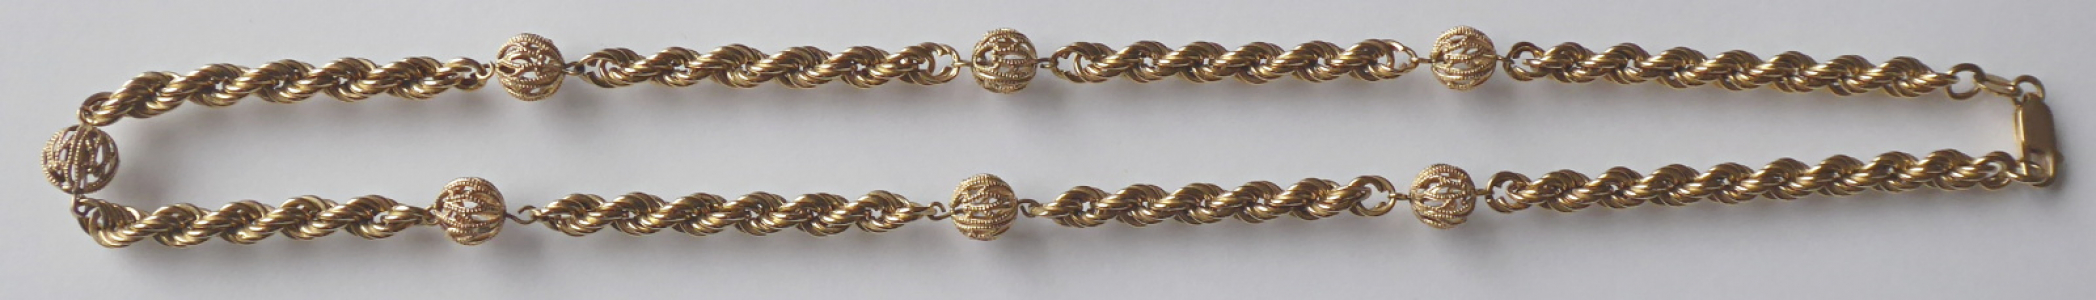 Zlatý splétaný řetízek, s kuličkami (1).JPG